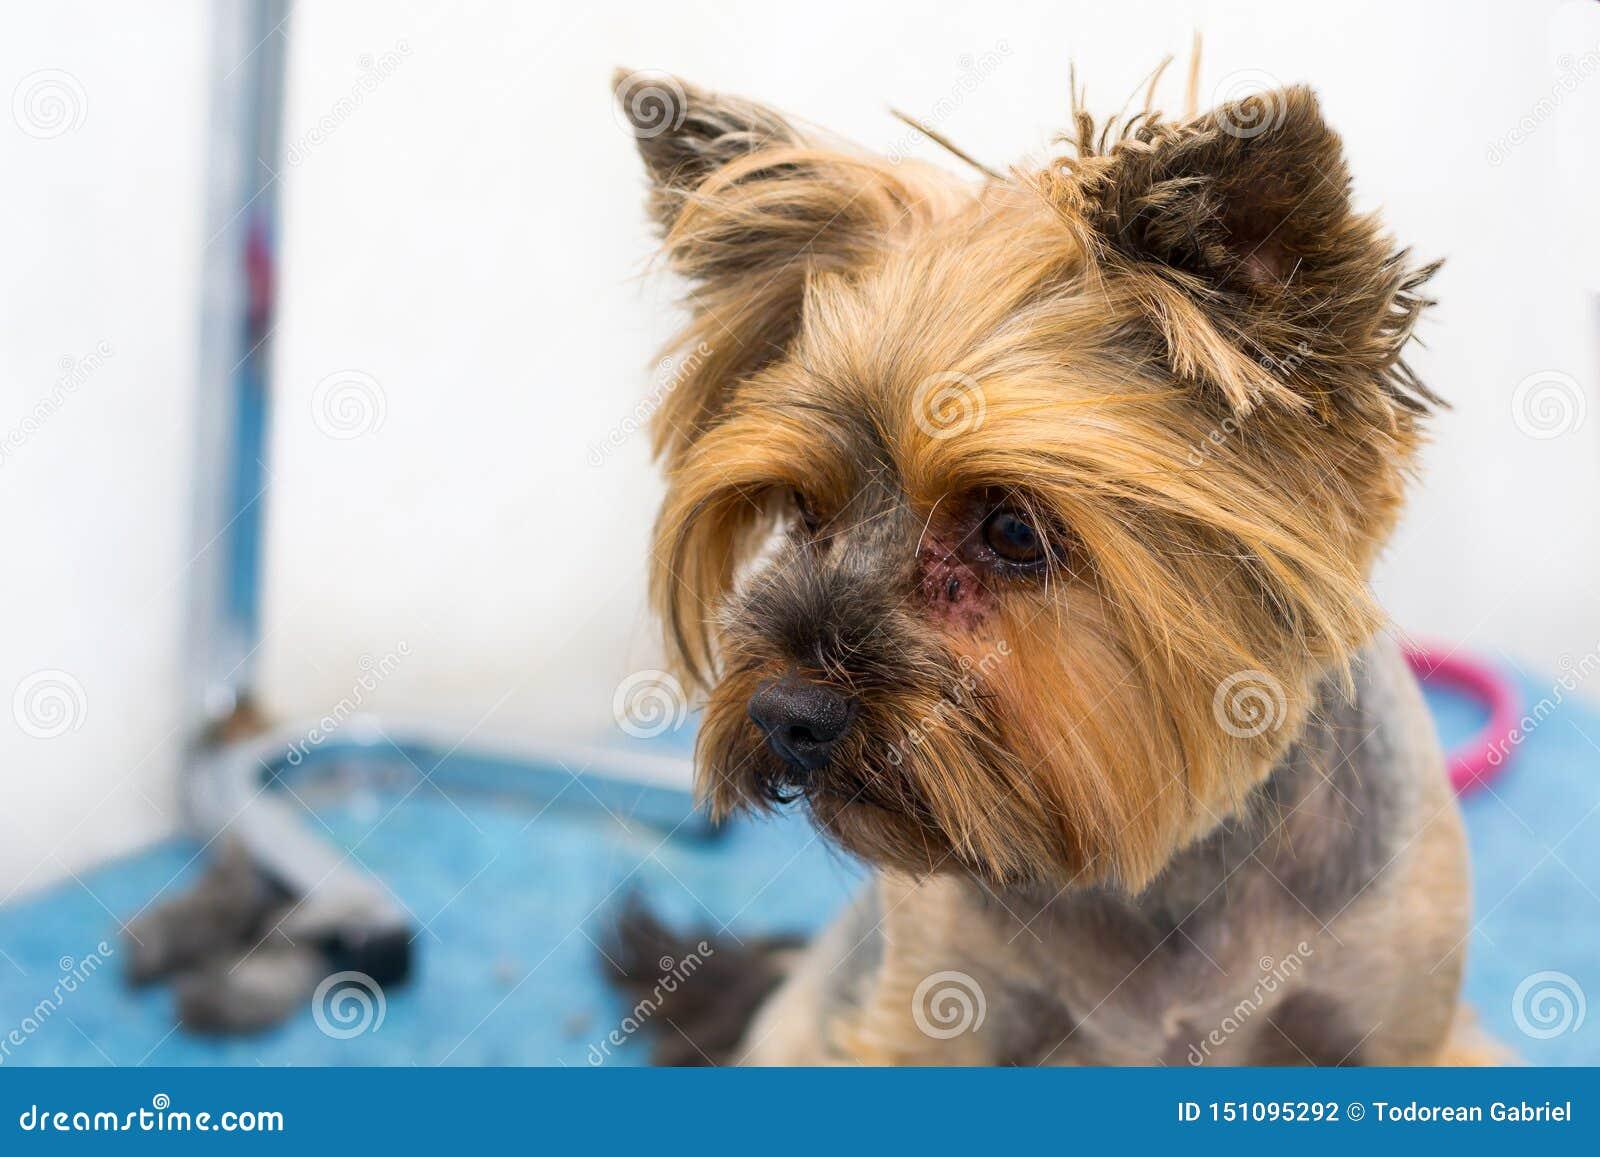 dermatitis yorkshire terrier)